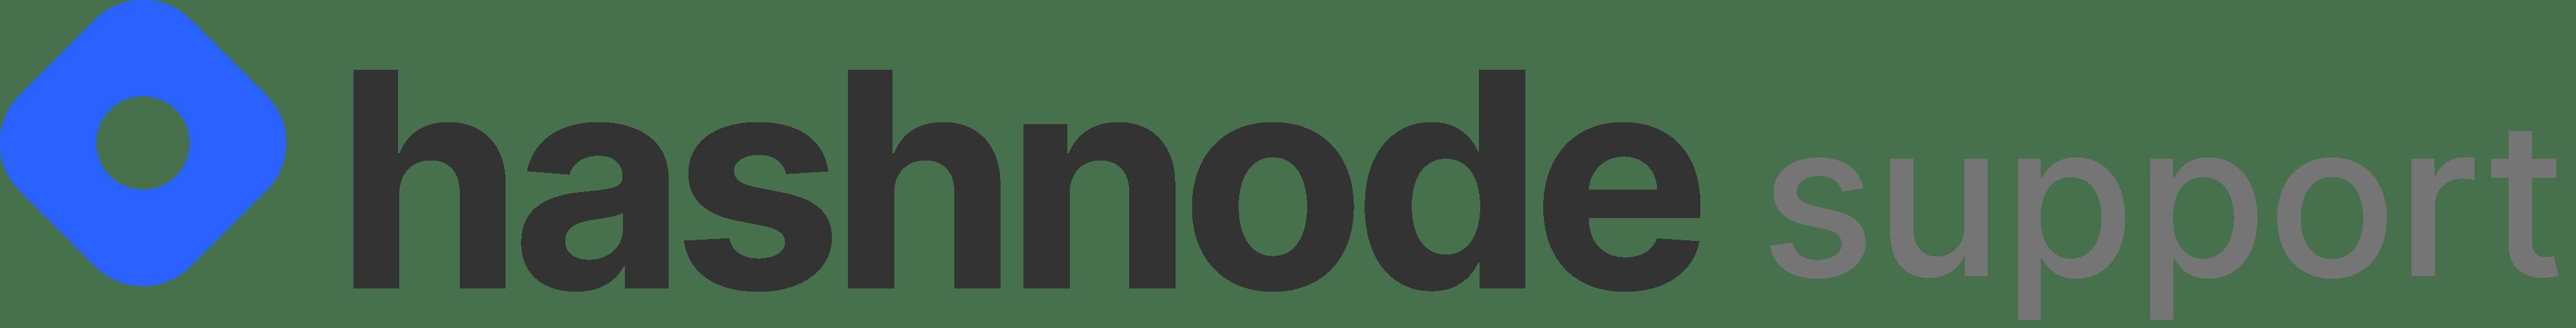 Hashnode Support Logo